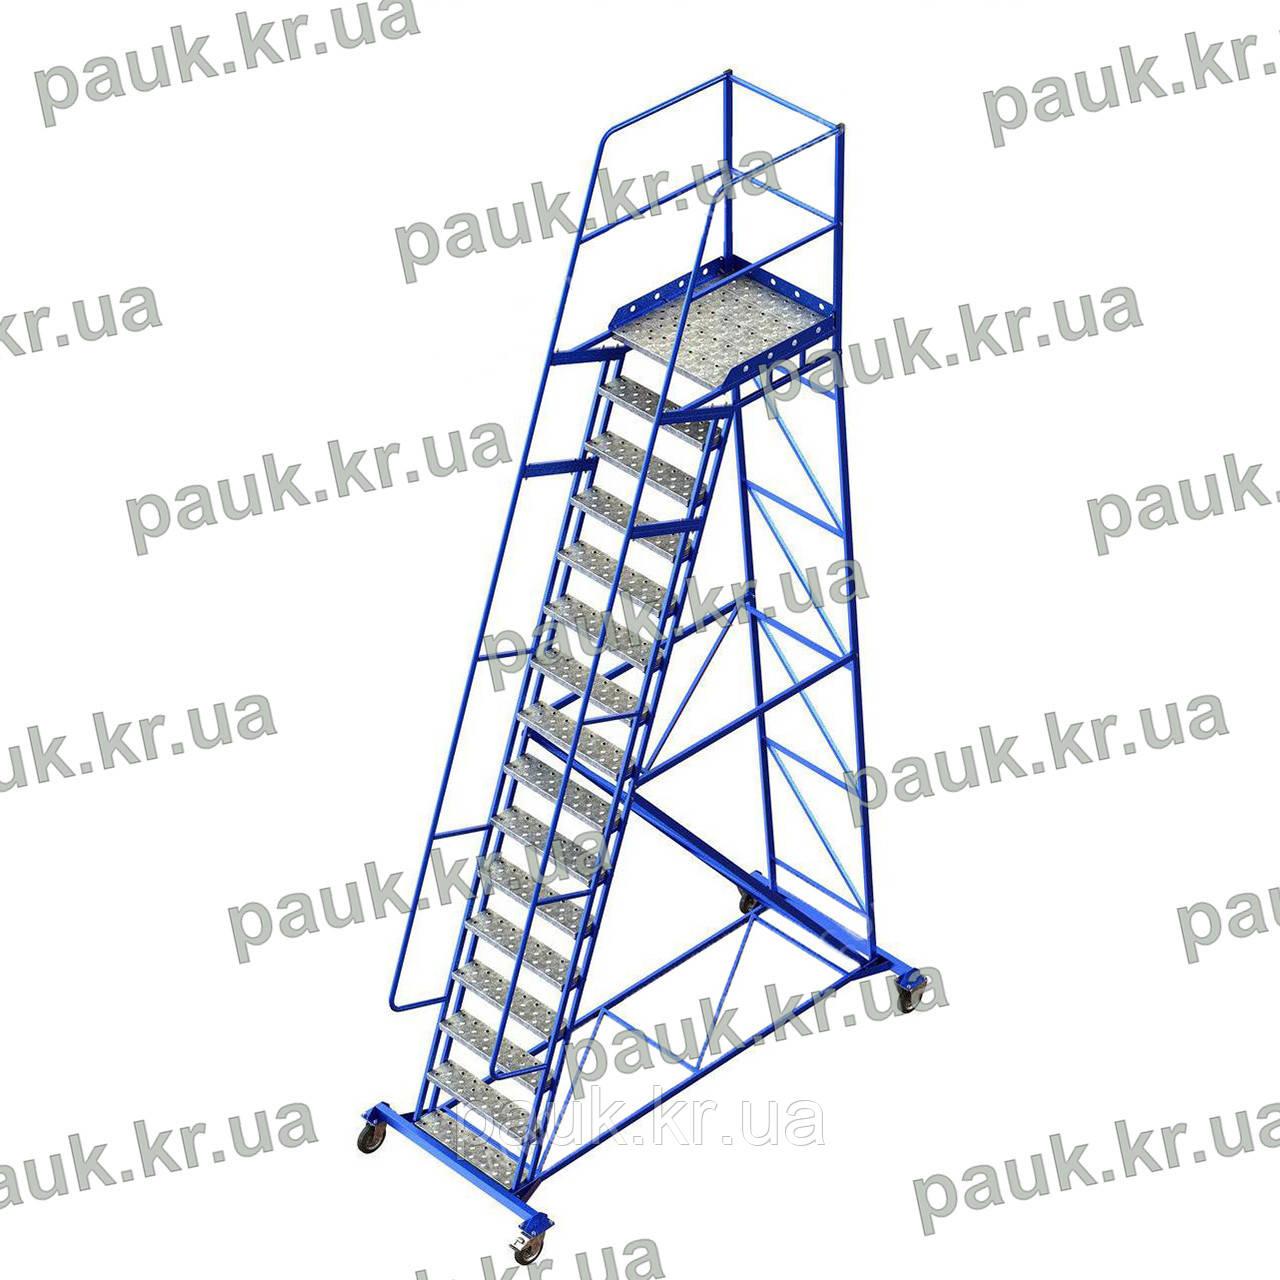 Платформова драбина складська Н4000 мм